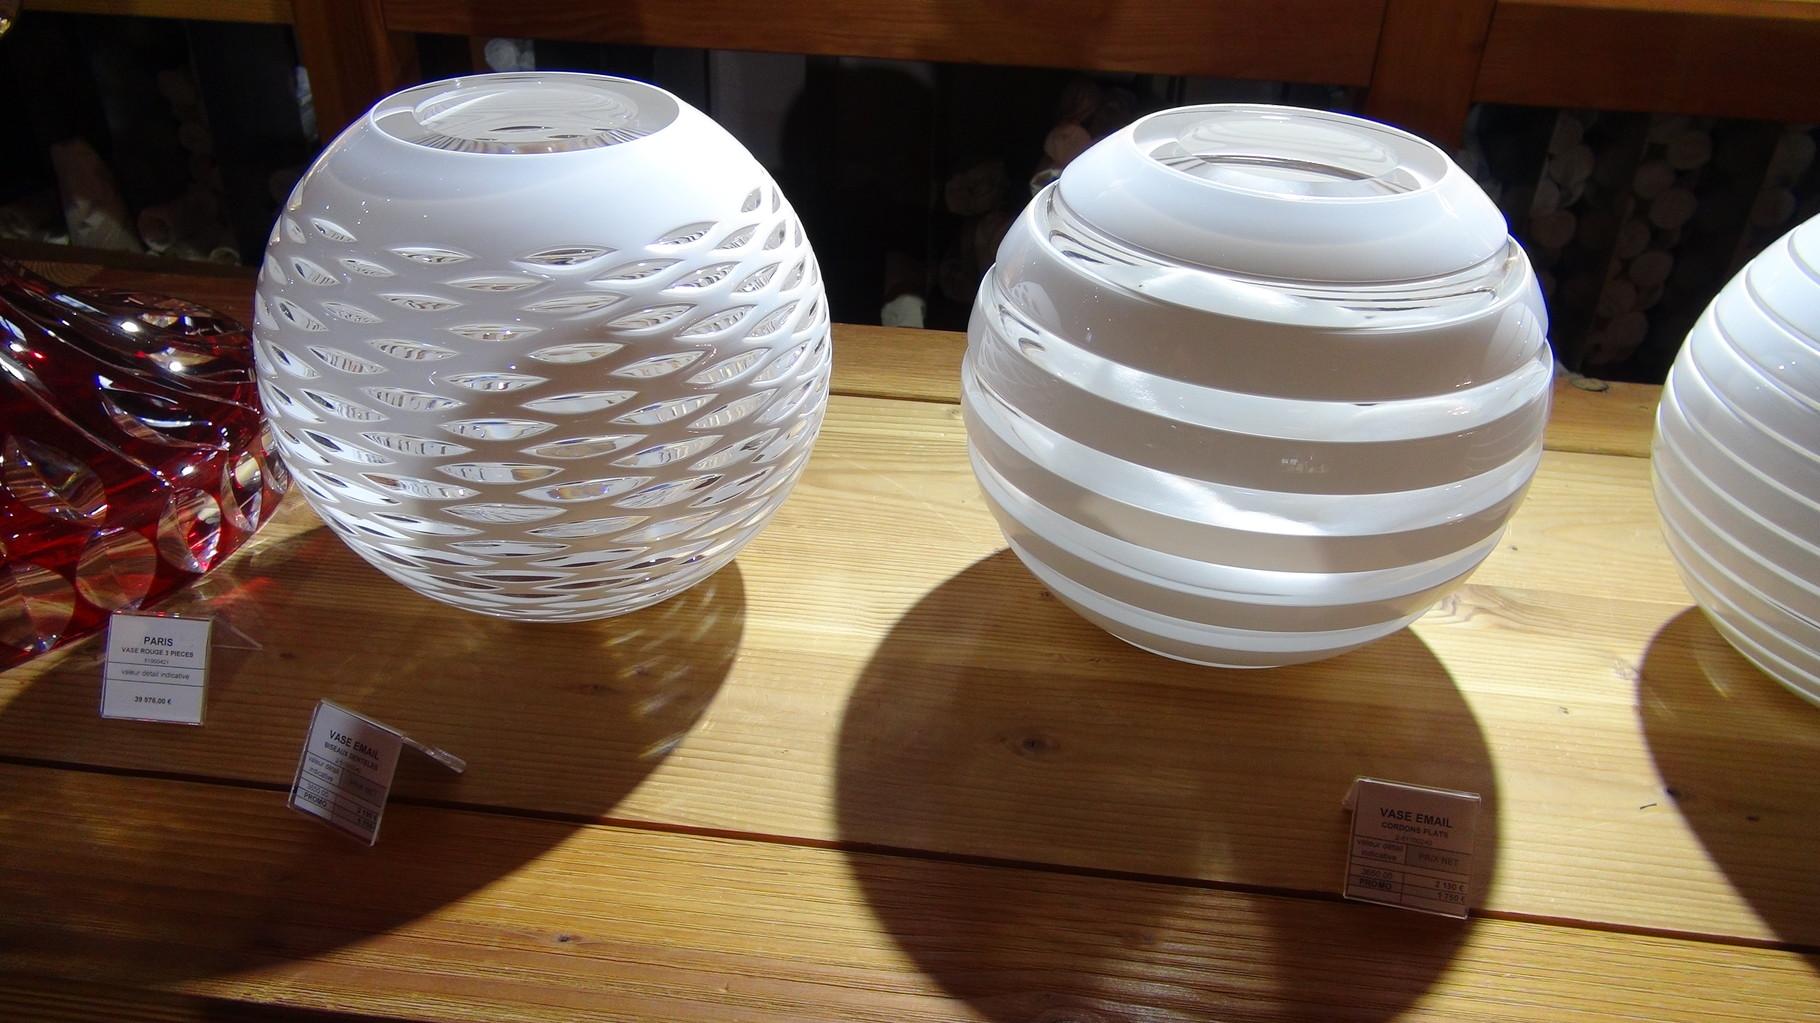 Vases : Le Paris rouge 3 pièces à 39976 € - Les 2 autres, Vase Email biseautés en promo à 1750 € au lieu de 2190 € !